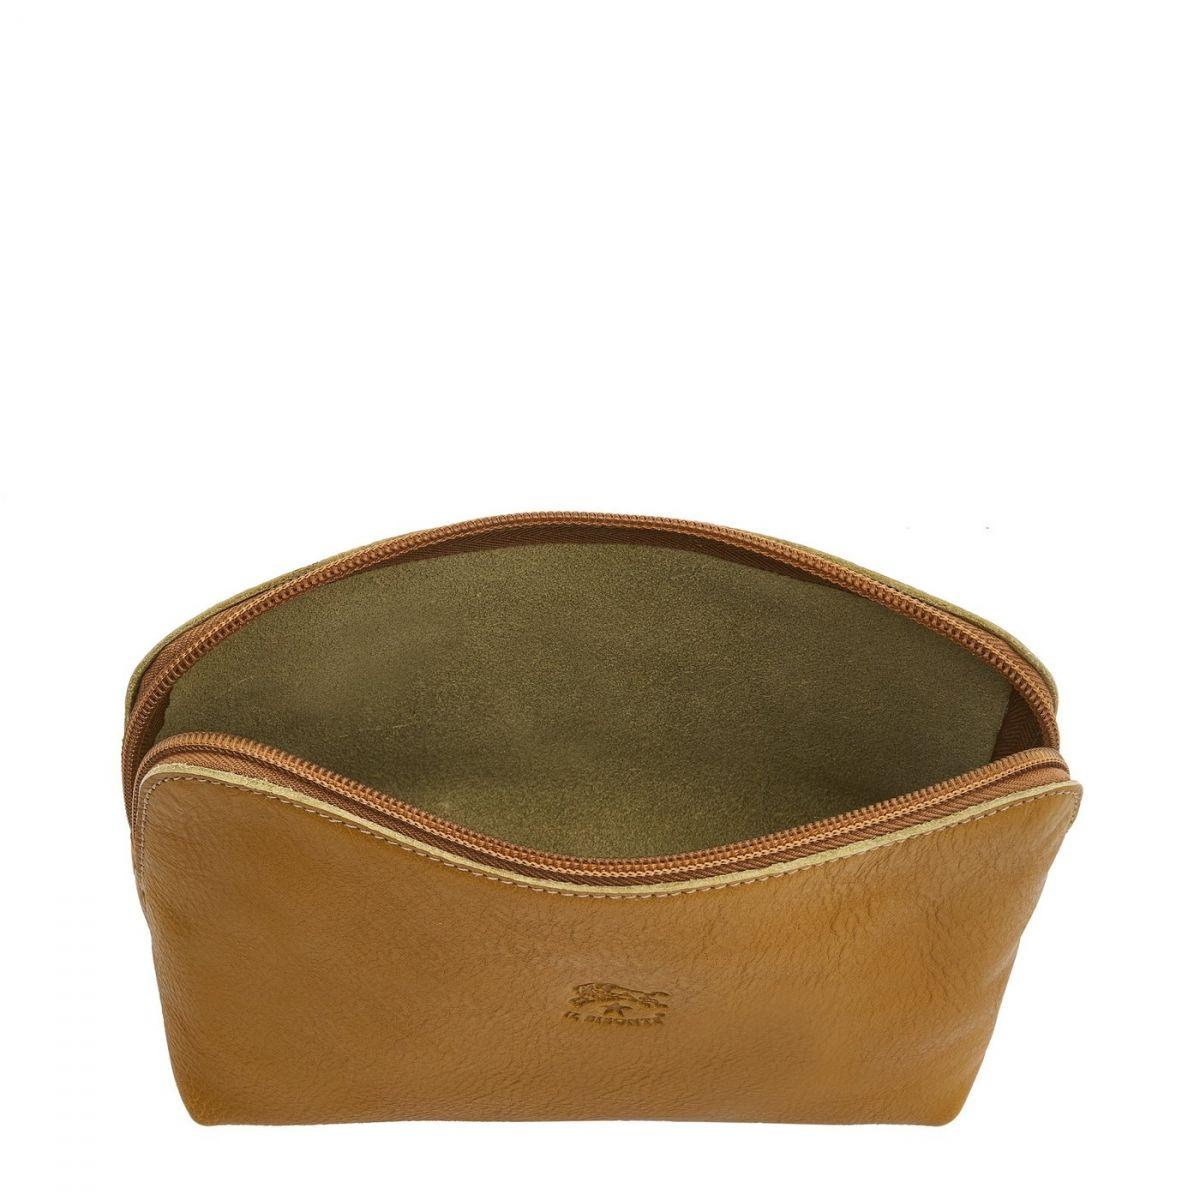 Étui pour Femme en Cuir De Vachette SCA033 couleur Curry | Details